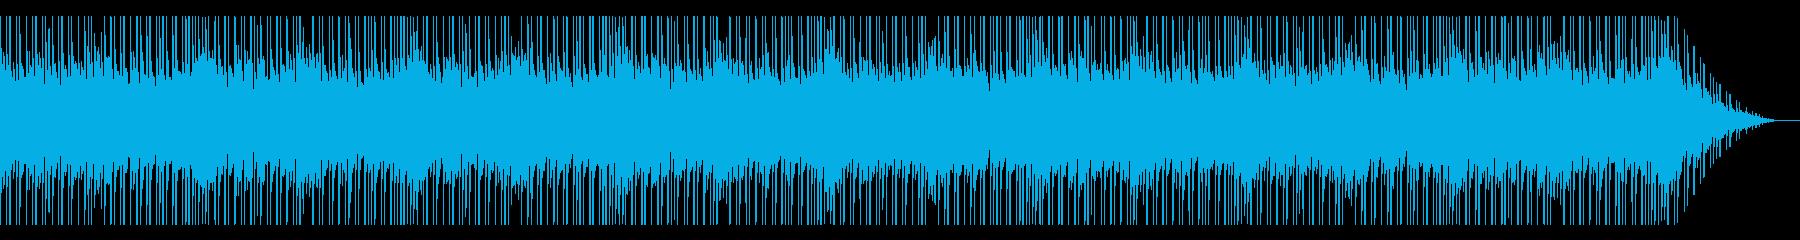 ほのぼのとしたギターのポップスの再生済みの波形